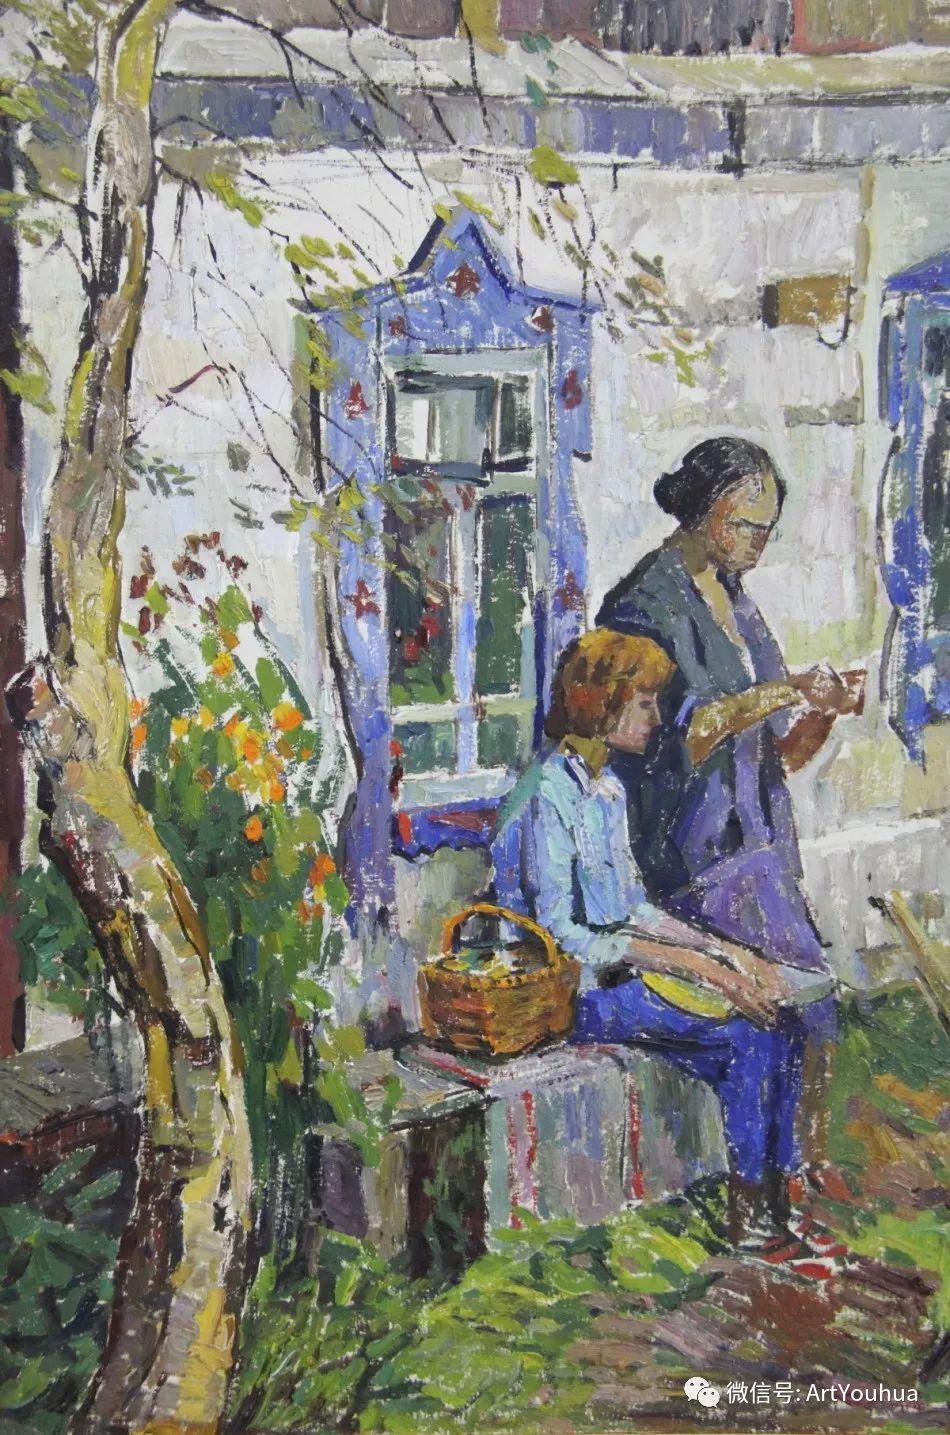 中俄艺术家50年代后期油画即景小品展作品插图103